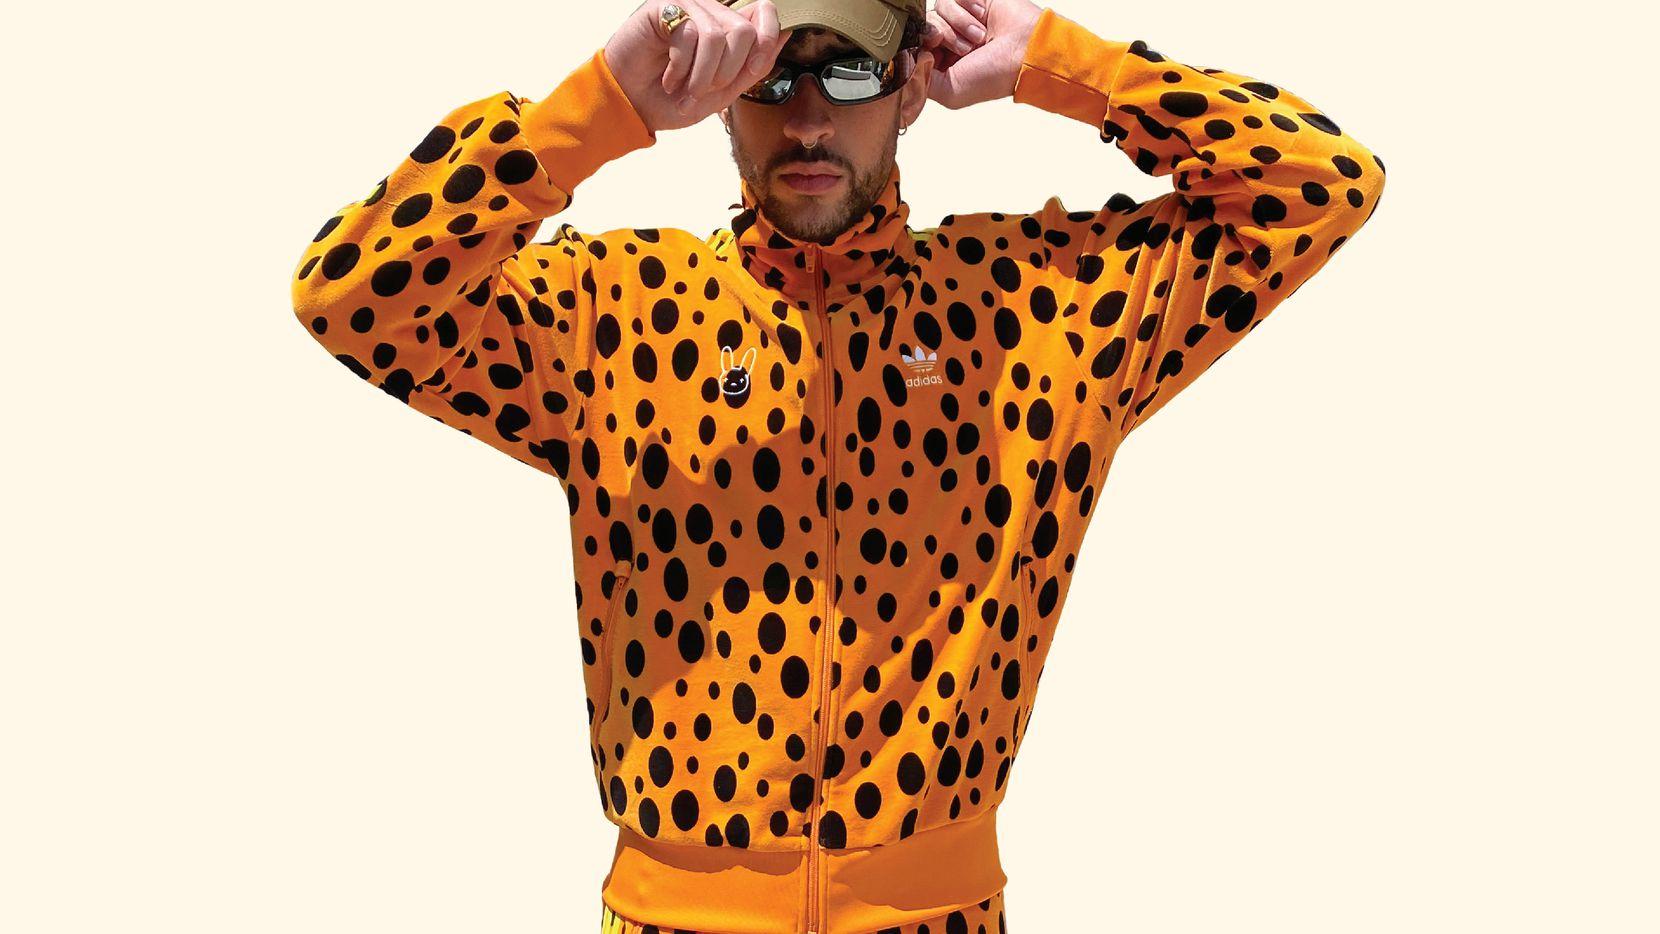 Bad Bunny y Cheetos tendrán una exclusiva colección de moda junto a Adidas a la venta a partir del 6 de agosto.